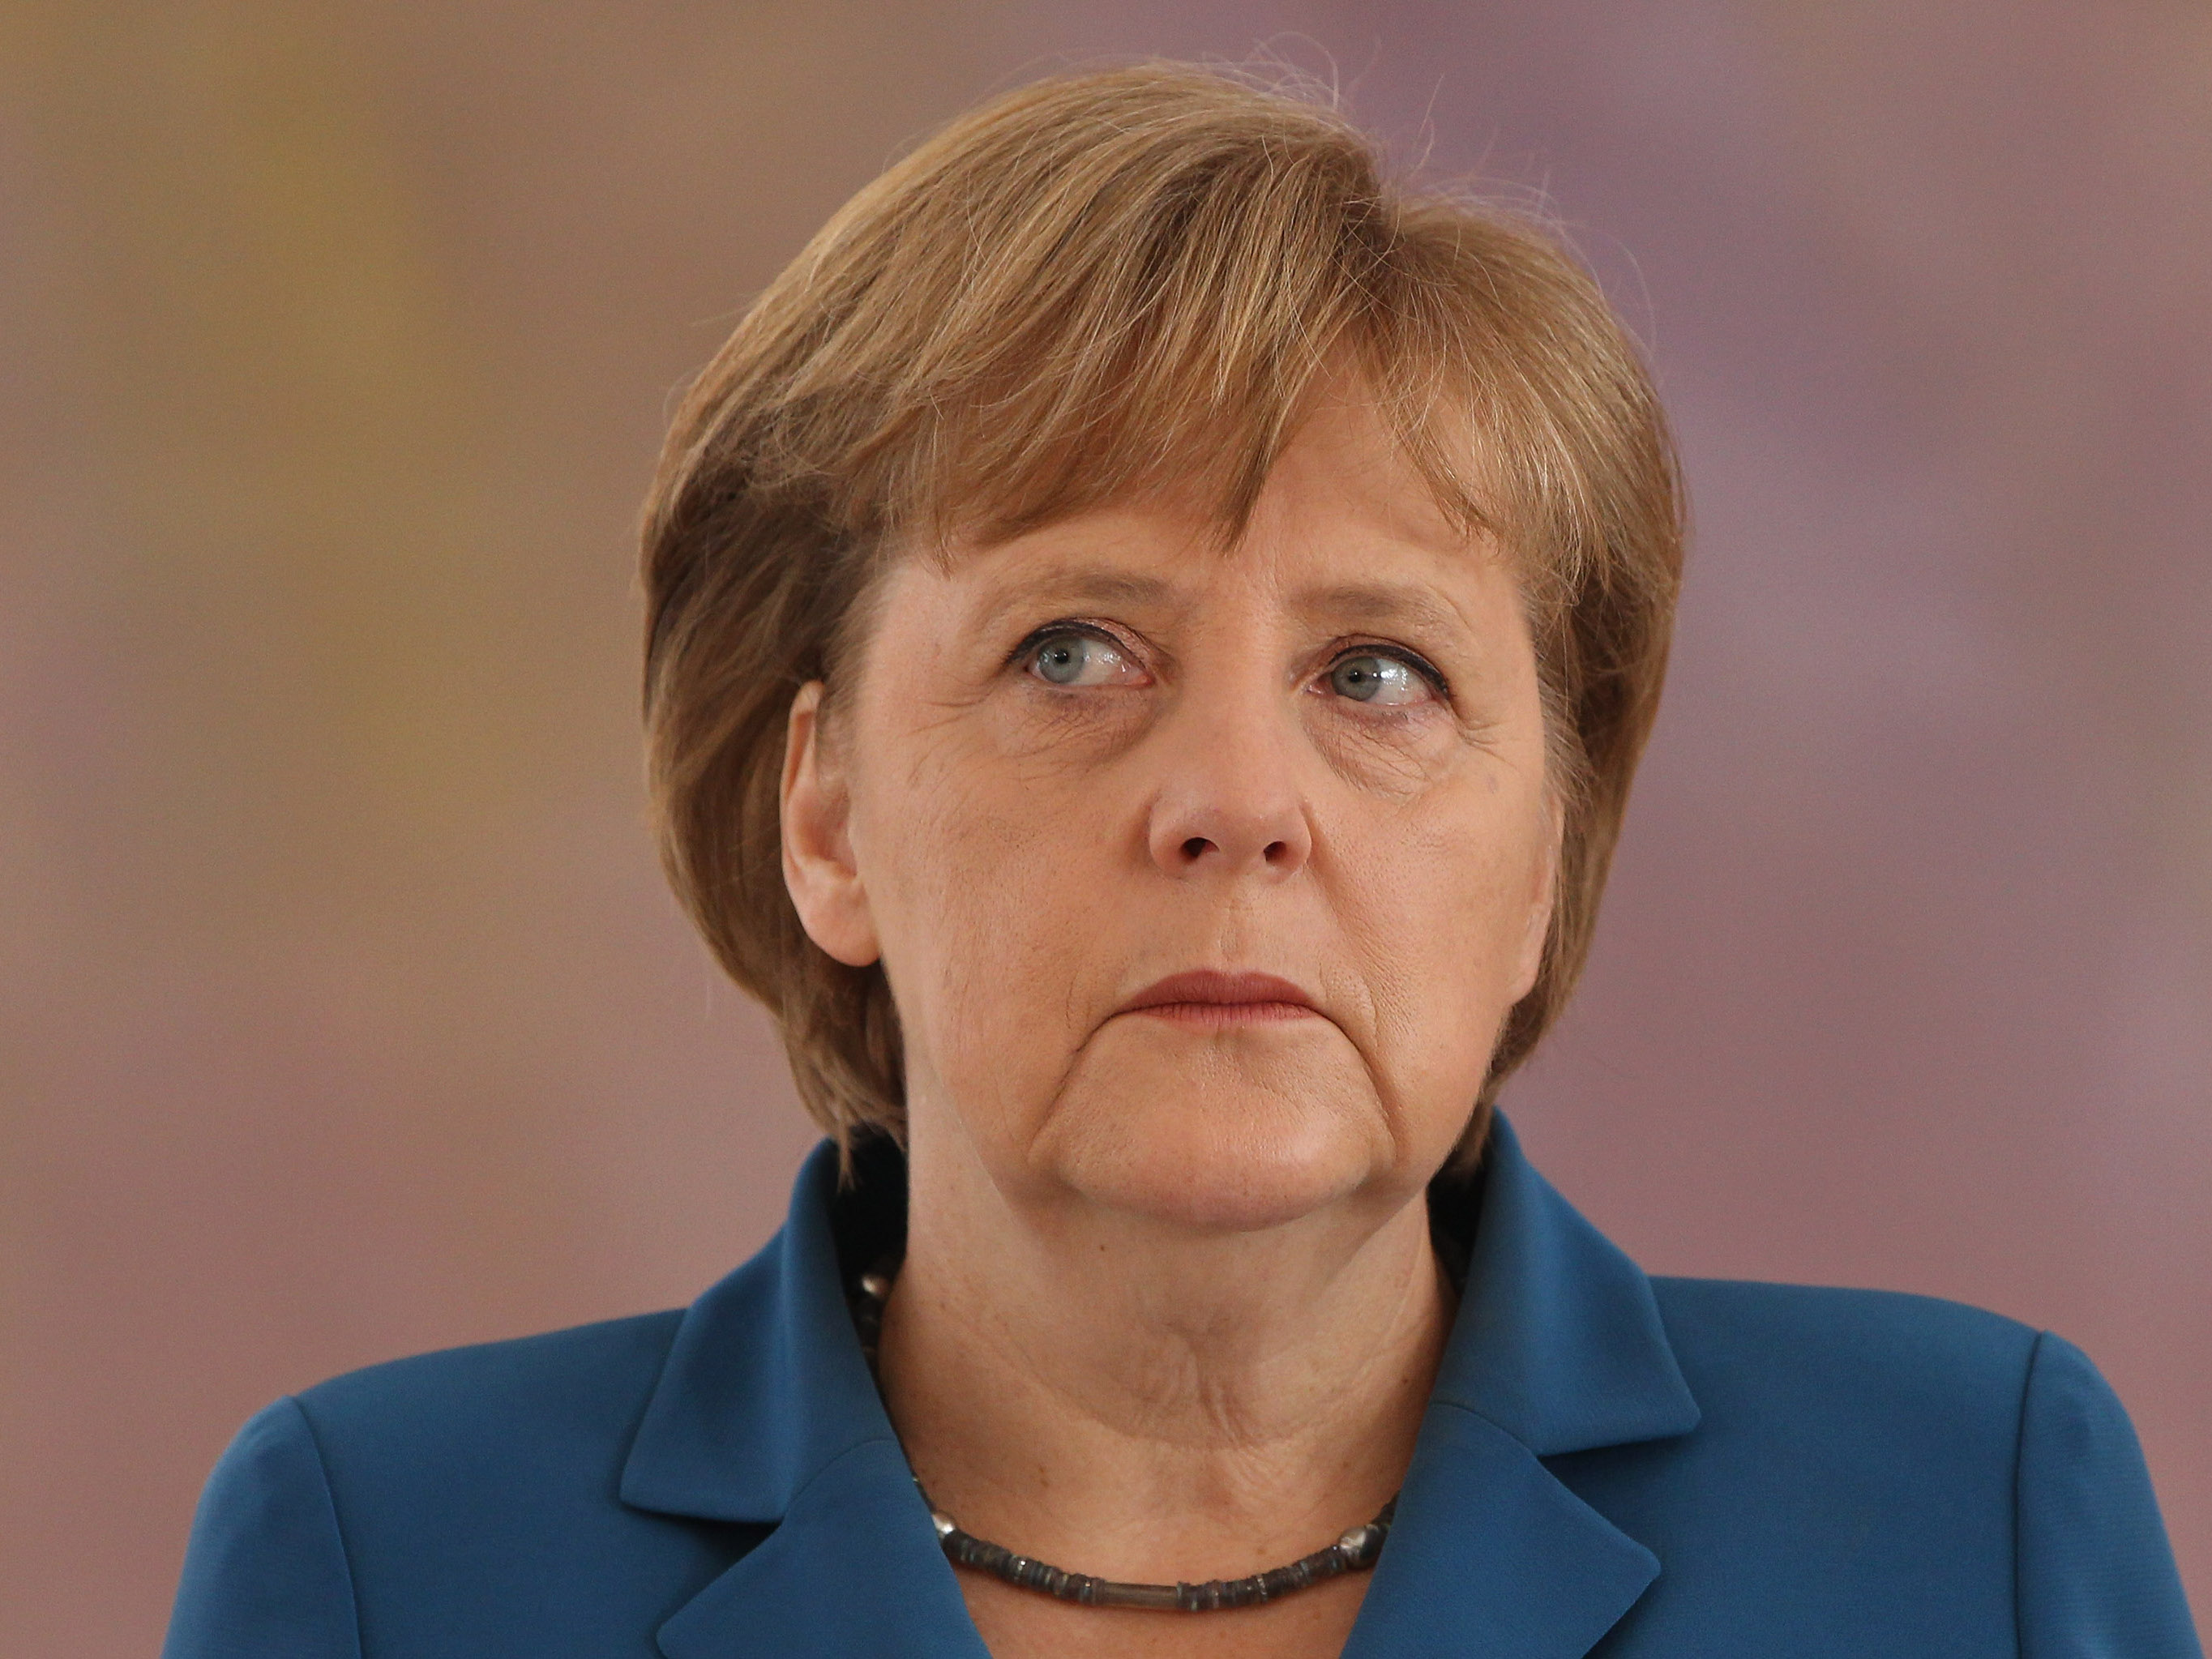 ميركل: على استعداد لاستكمال المفاوضات في حال رغبت اليونان في ذلك